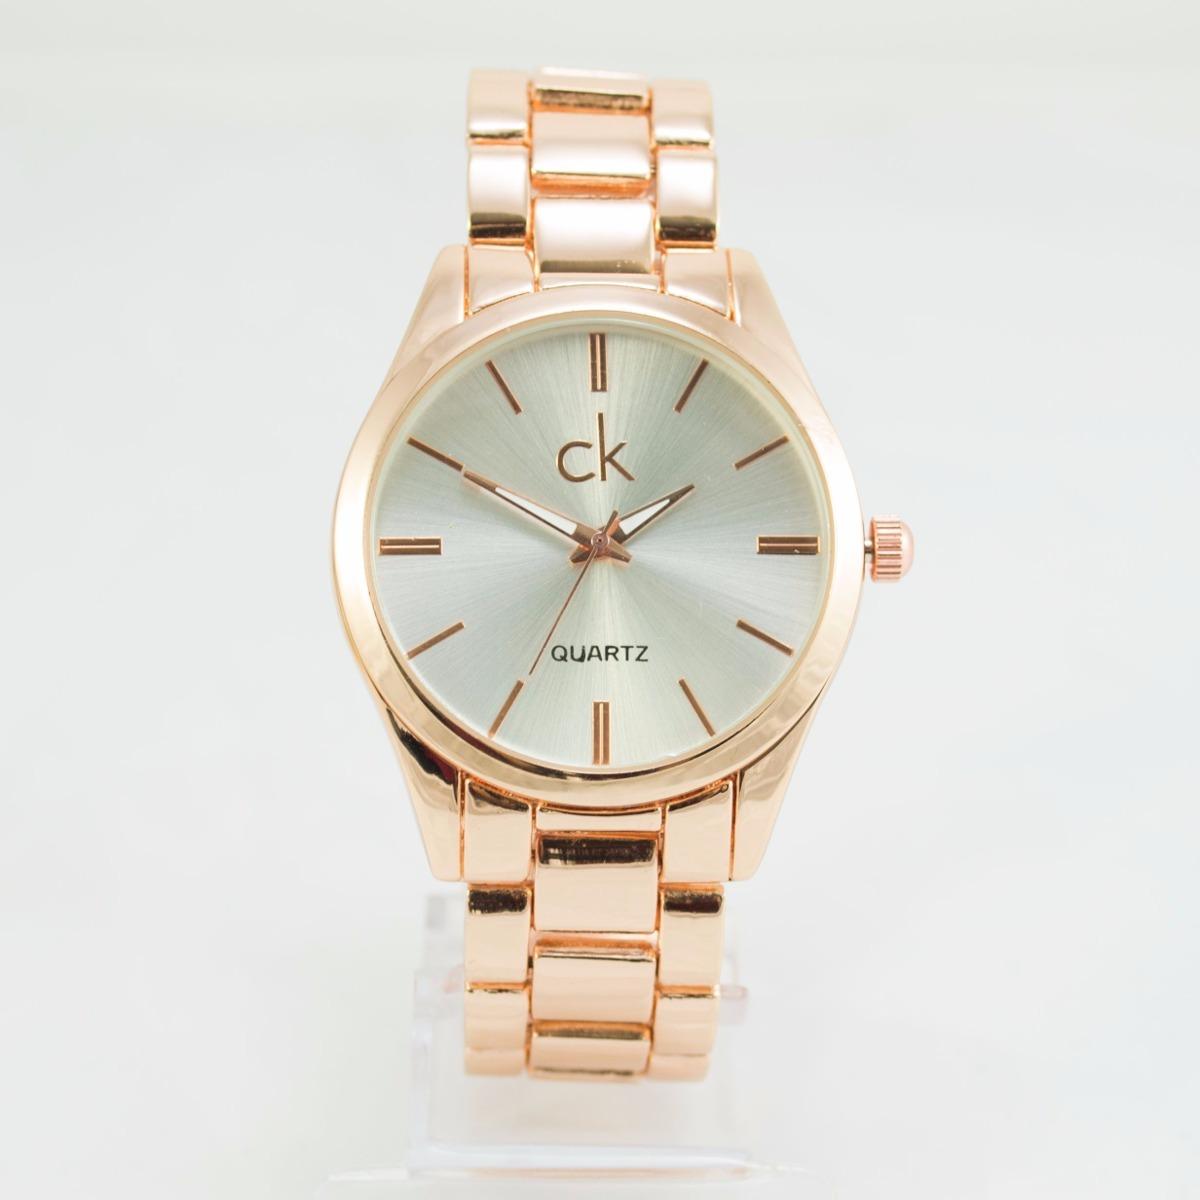 98938d964f3 relógio feminino ck luxo analógico dourado. Carregando zoom.